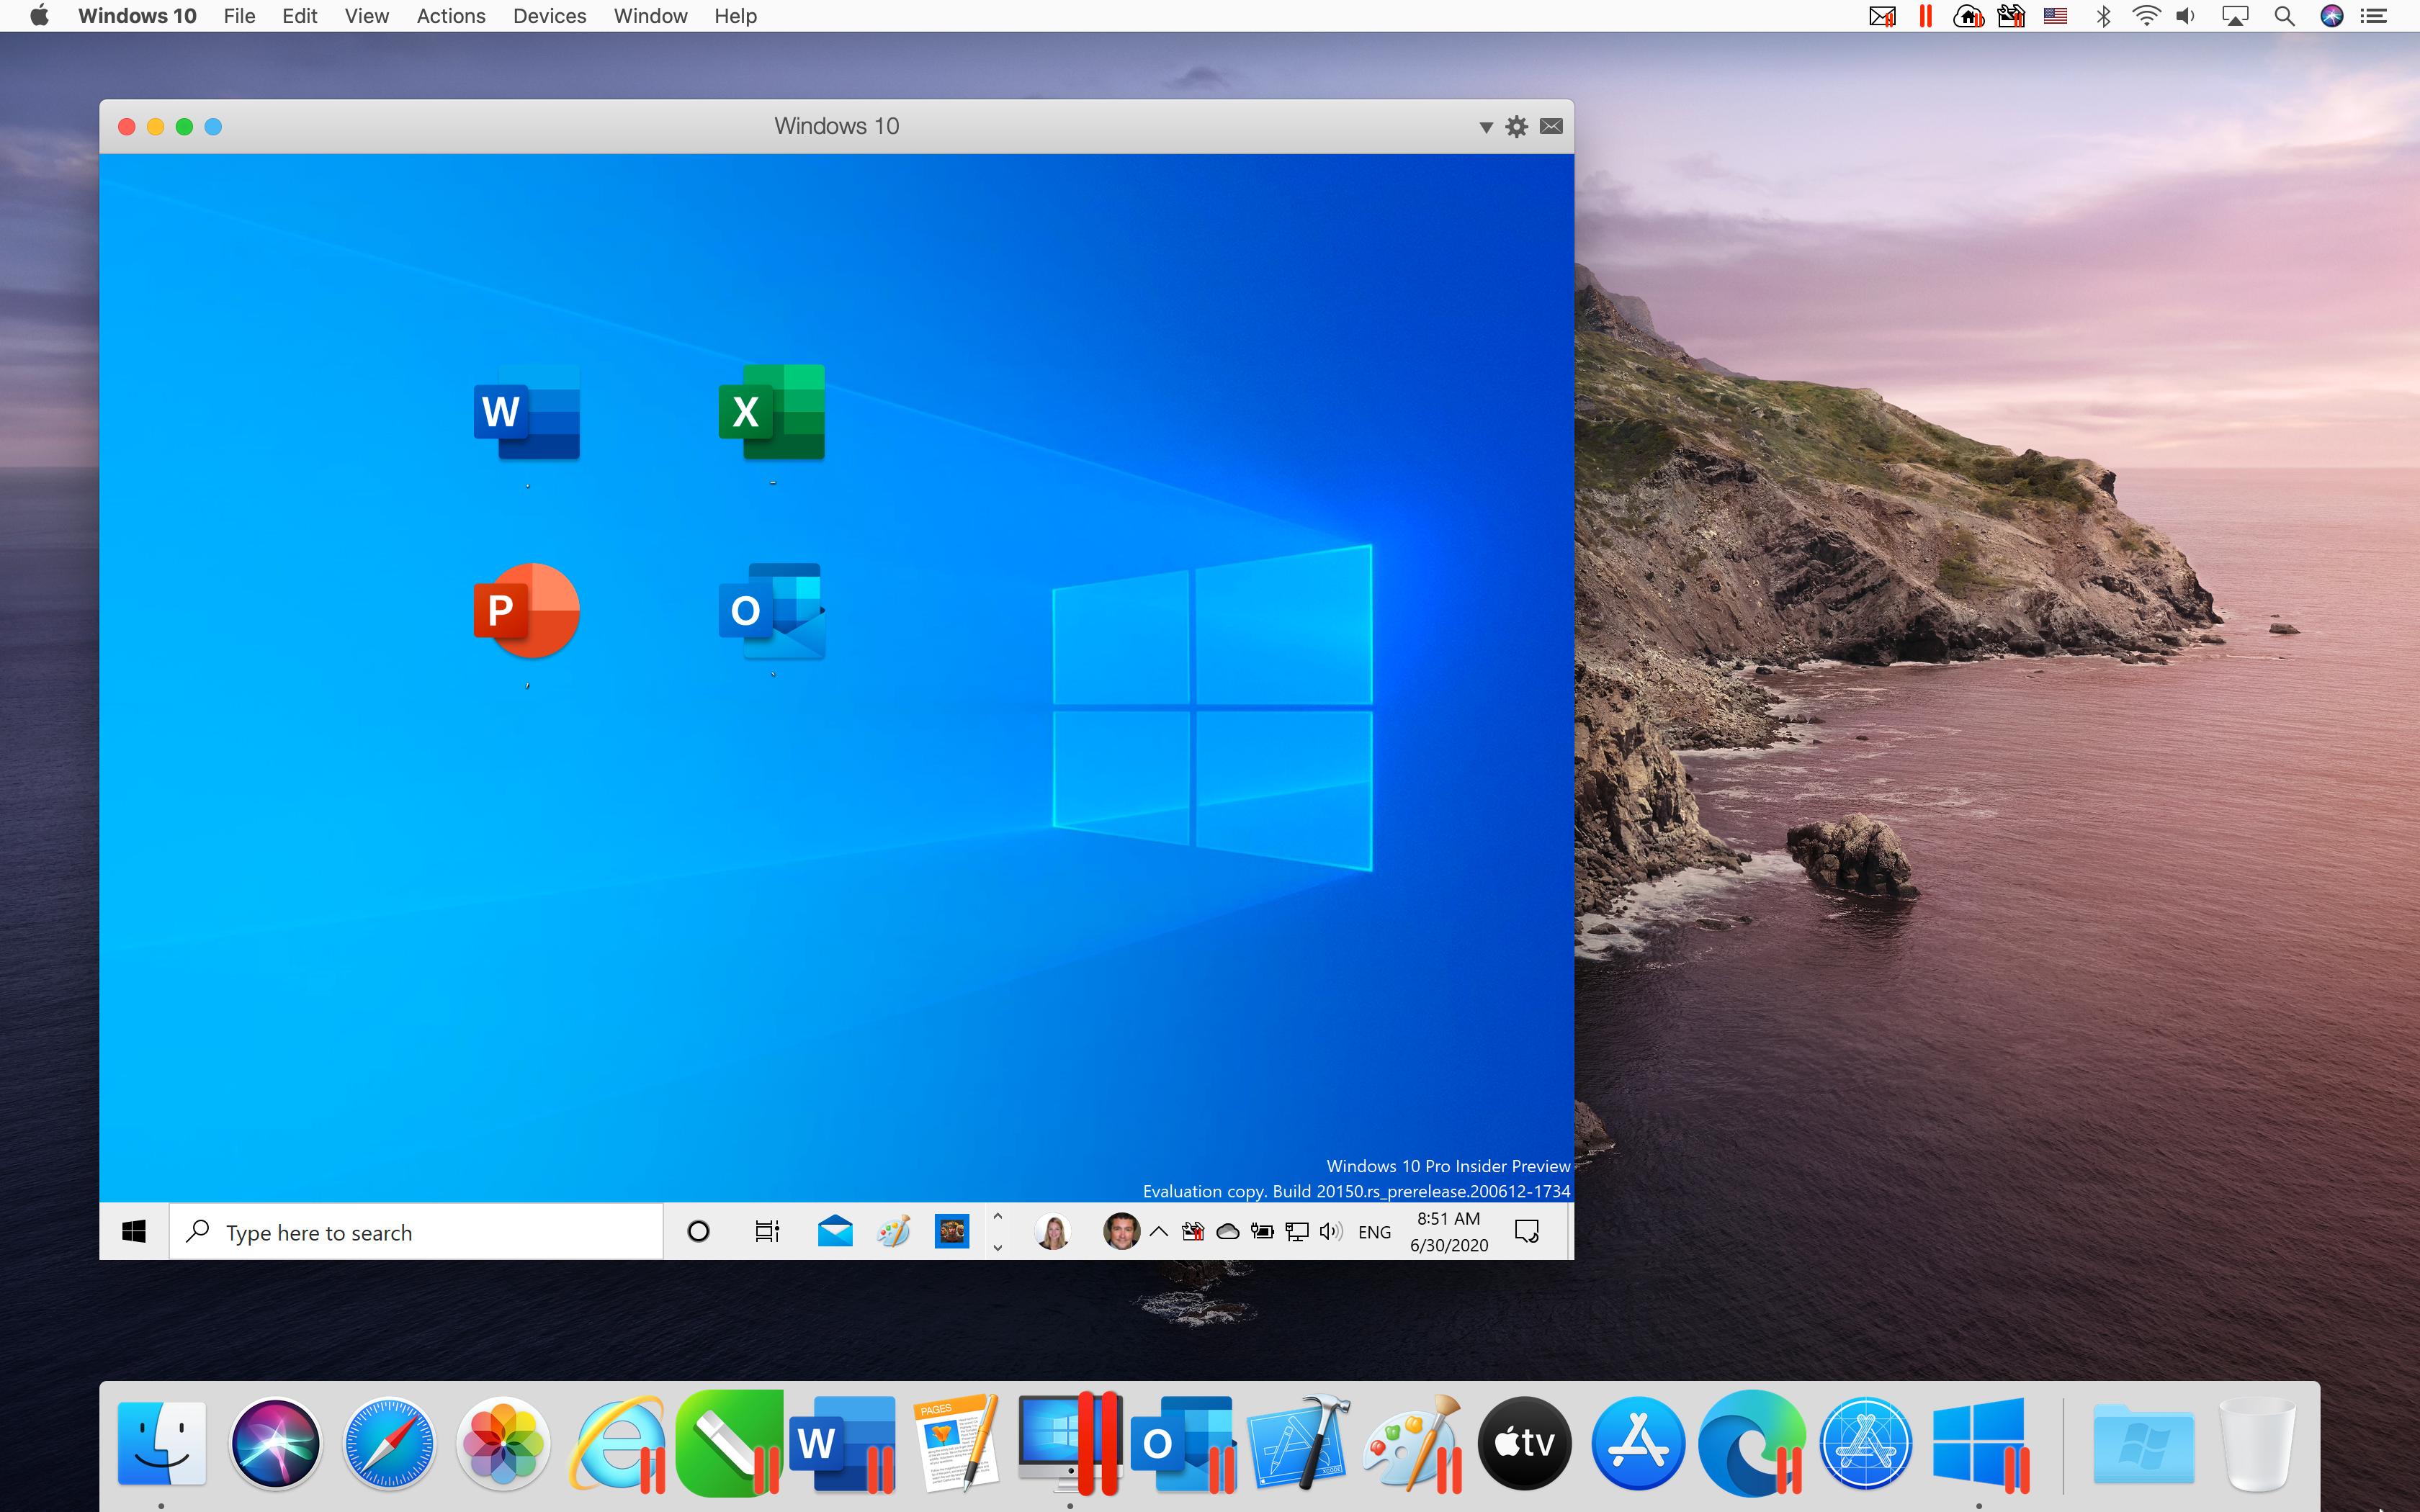 Parallels Desktop 16 for Mac 推出支援 macOS Big Sur